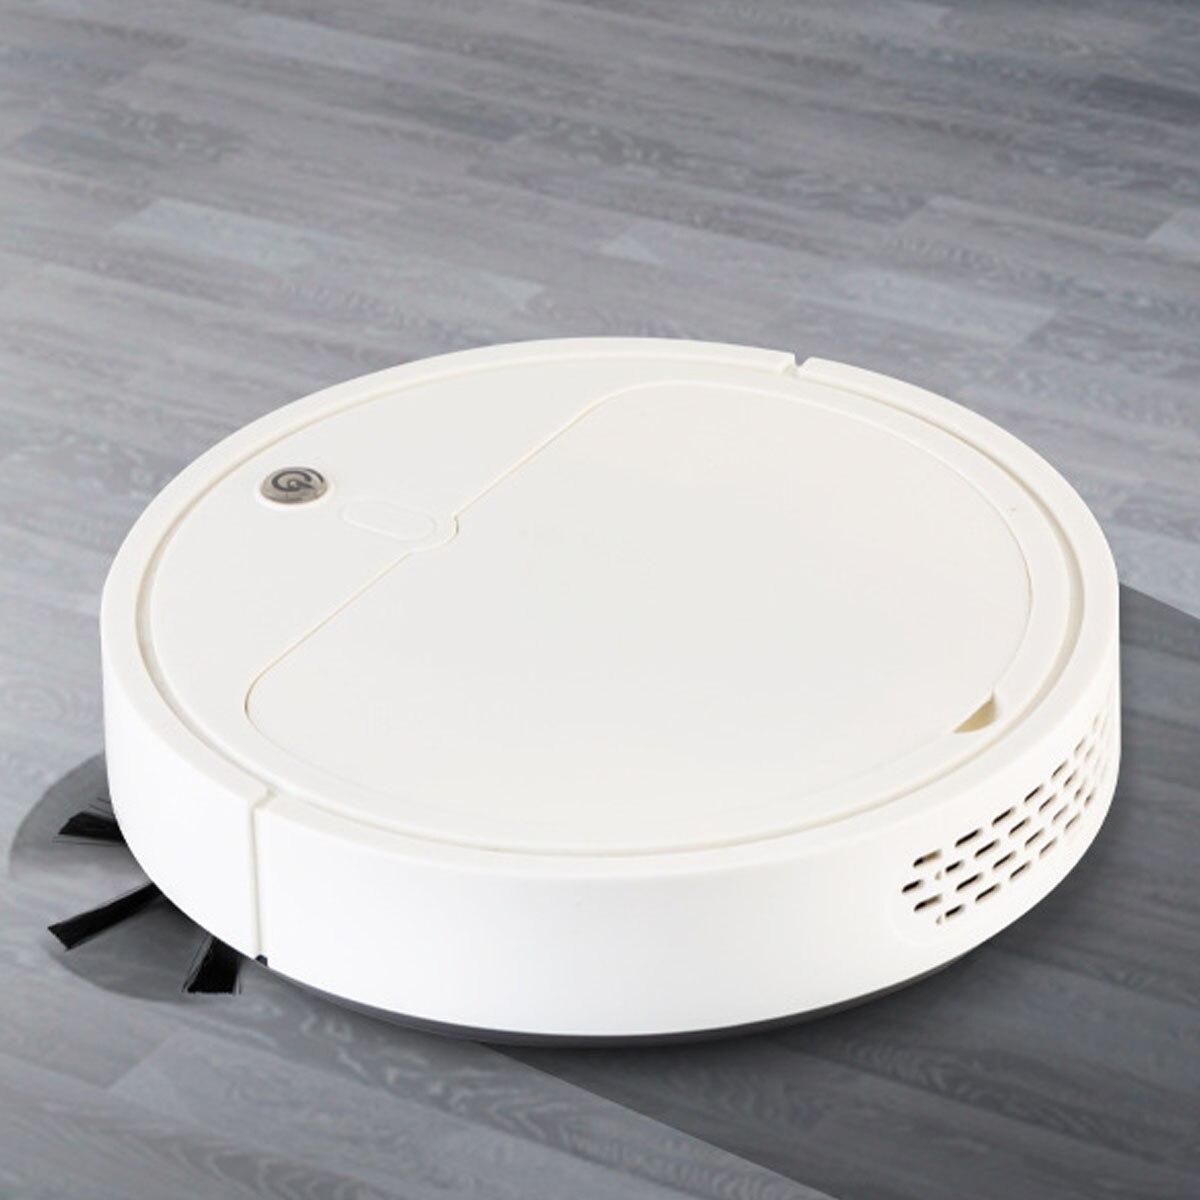 jm8028 robo aspirador de po 1800pa poweful 3 em 1 pet cabelo casa seco molhado esfregar